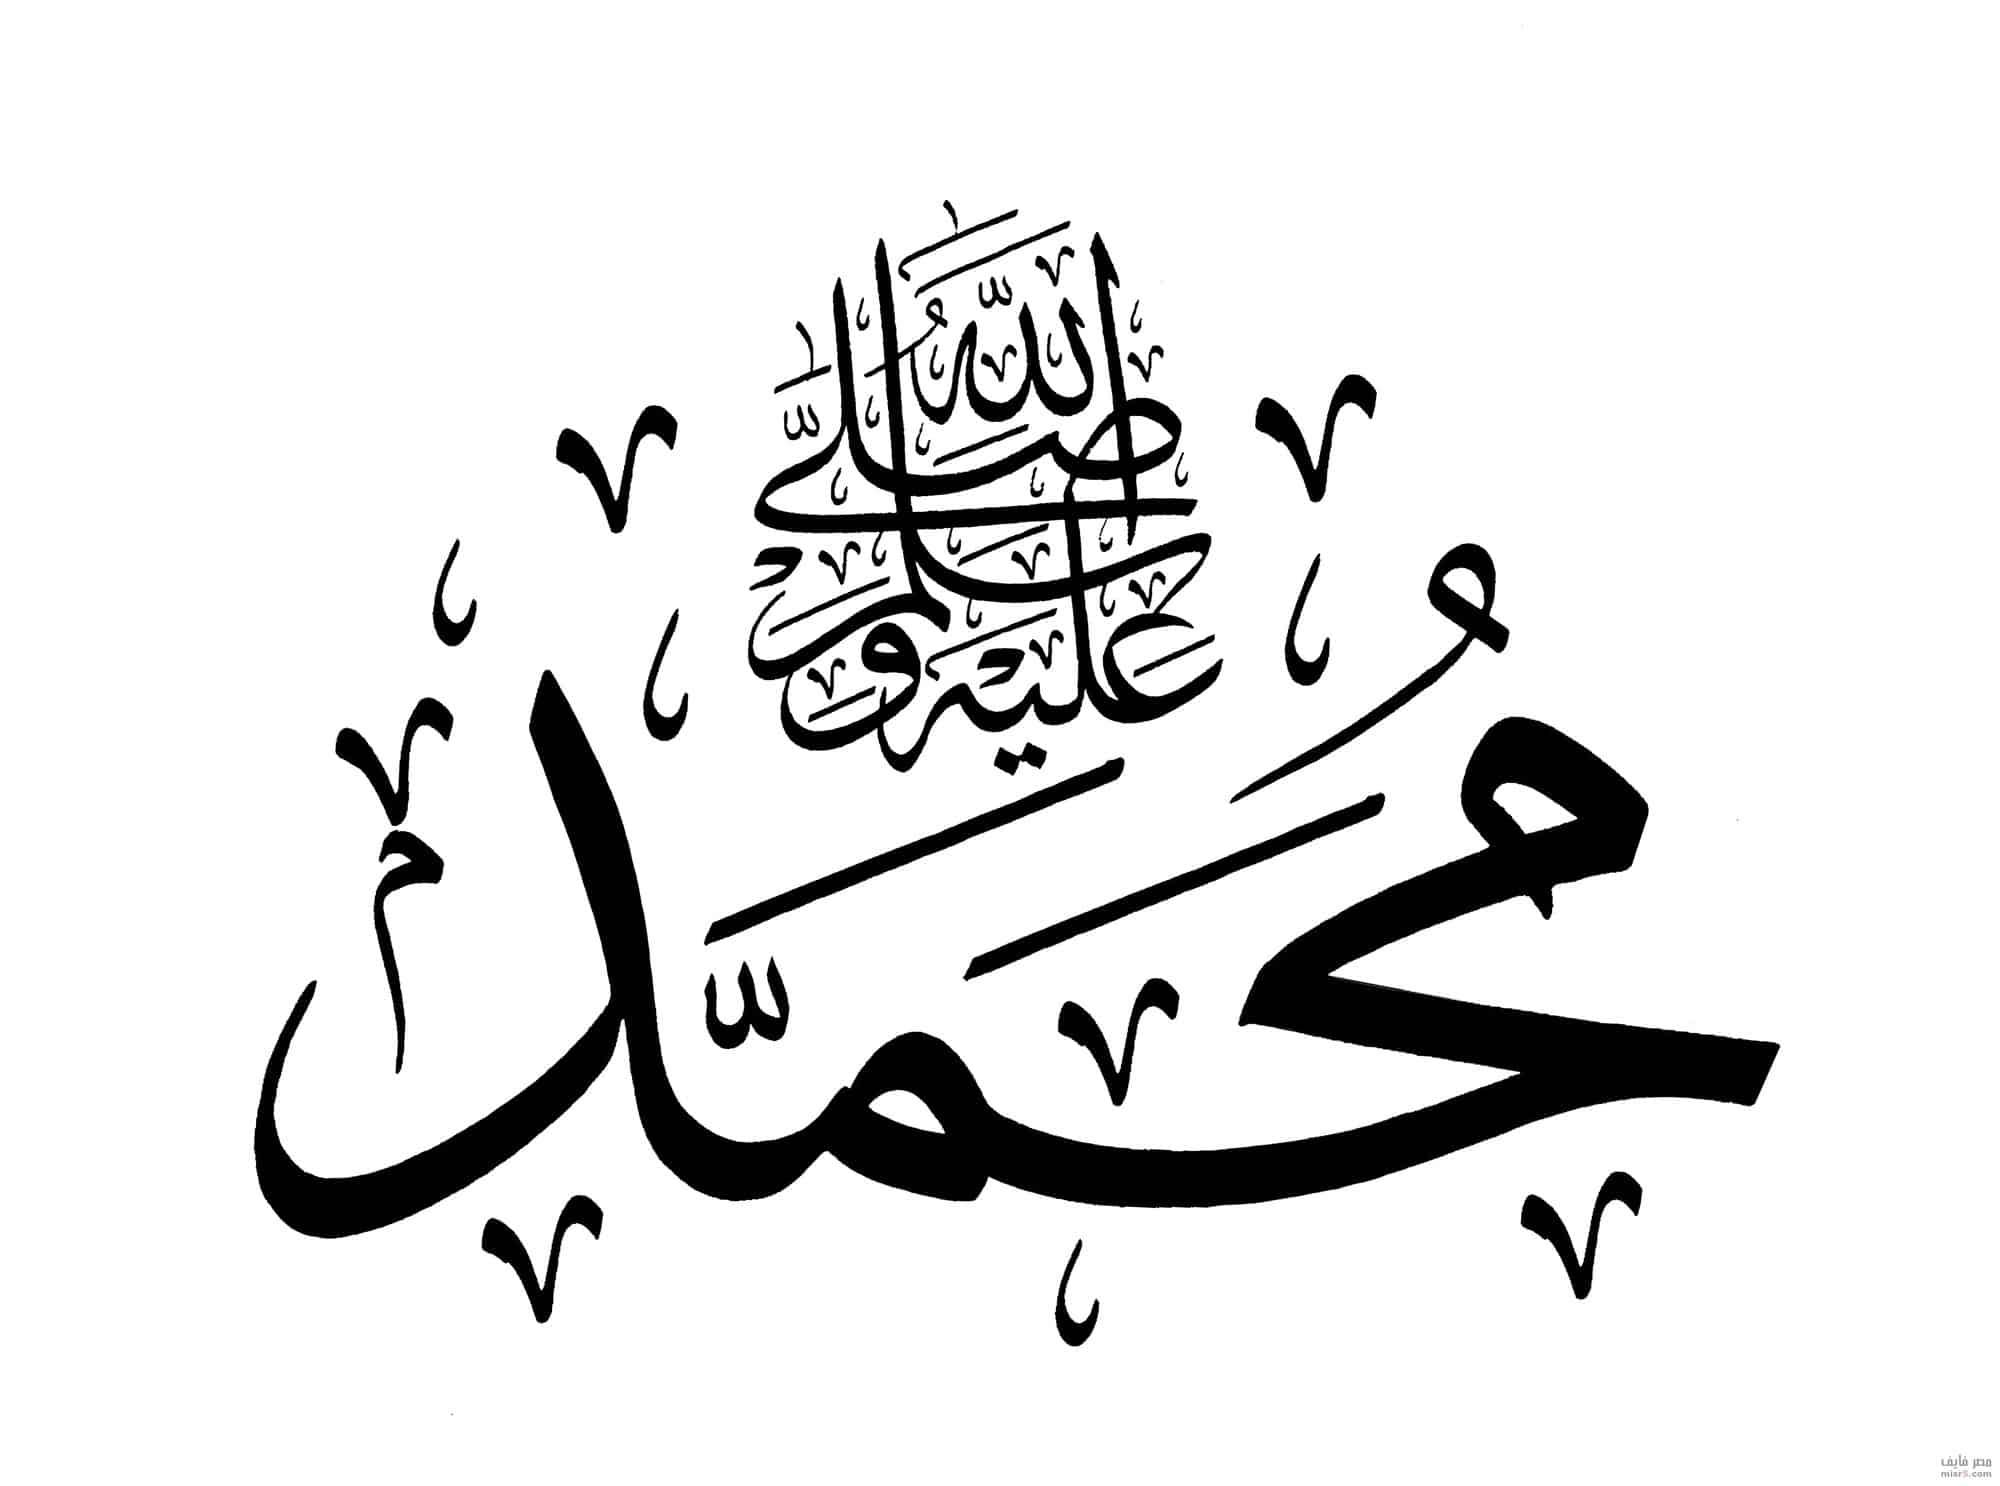 تفسير قول اللهم صلي على سيدنا محمد في المنام